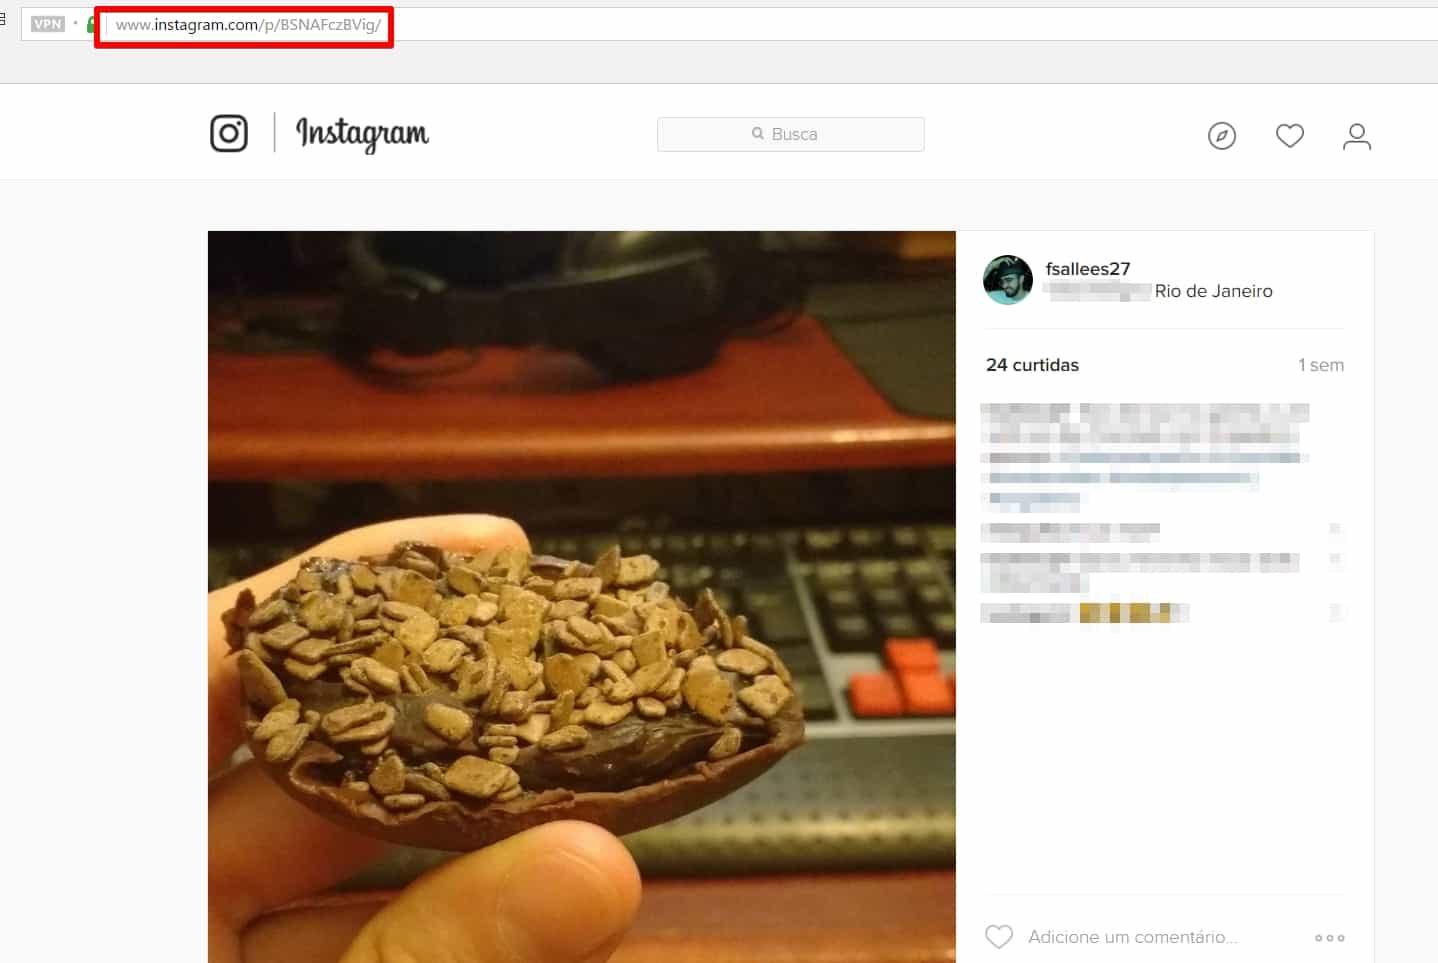 download-de-fotos-no-instagram-copiar